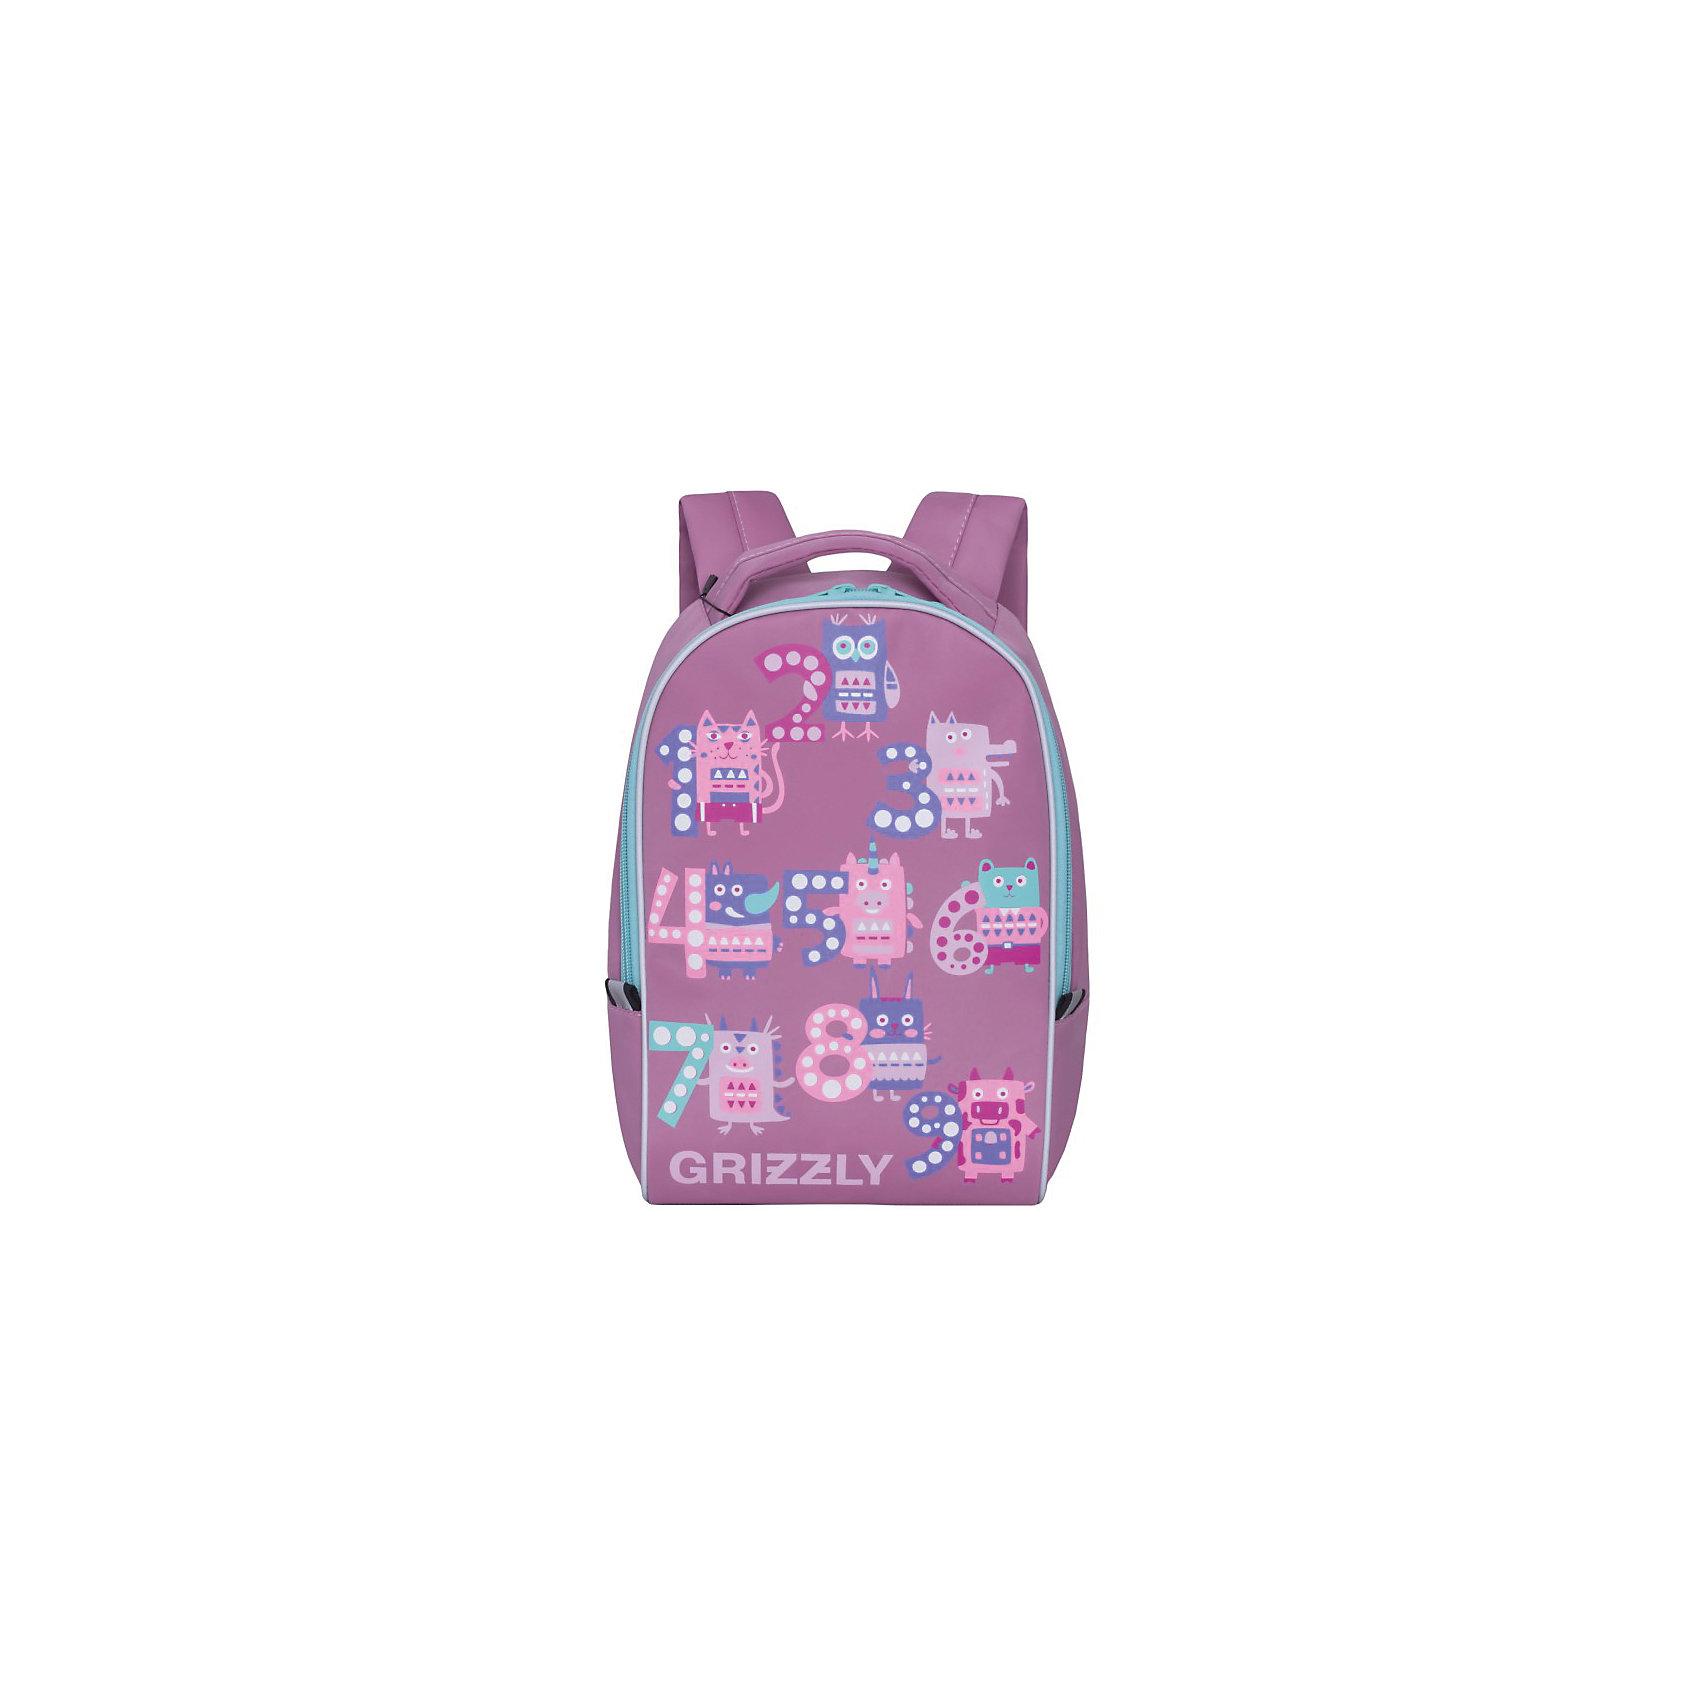 Grizzly рюкзак детский 1 отделениеРюкзаки<br>Рюкзак малый, одно отделение, укрепленная спинка, мягкая укрепленная ручка, укрепленные лямки, светоотражающие элементы с четырех сторон.<br>Вес, г: 291<br>Размер, см: 25х33х13<br>Состав: Нейлон<br>Наличие светоотражающих элементов:  да<br>Материал: Нейлон<br>Спина:  полужесткая<br>Наличие дополнительных карманов внутри:  да<br>Дно выбрать:  Мягкое<br>Количество отделений внутри:  1<br>Боковые карманы: нет<br>Замок:  Молния<br>Вмещает А4:  да<br><br>Ширина мм: 250<br>Глубина мм: 130<br>Высота мм: 330<br>Вес г: 291<br>Возраст от месяцев: 60<br>Возраст до месяцев: 84<br>Пол: Женский<br>Возраст: Детский<br>SKU: 6727451